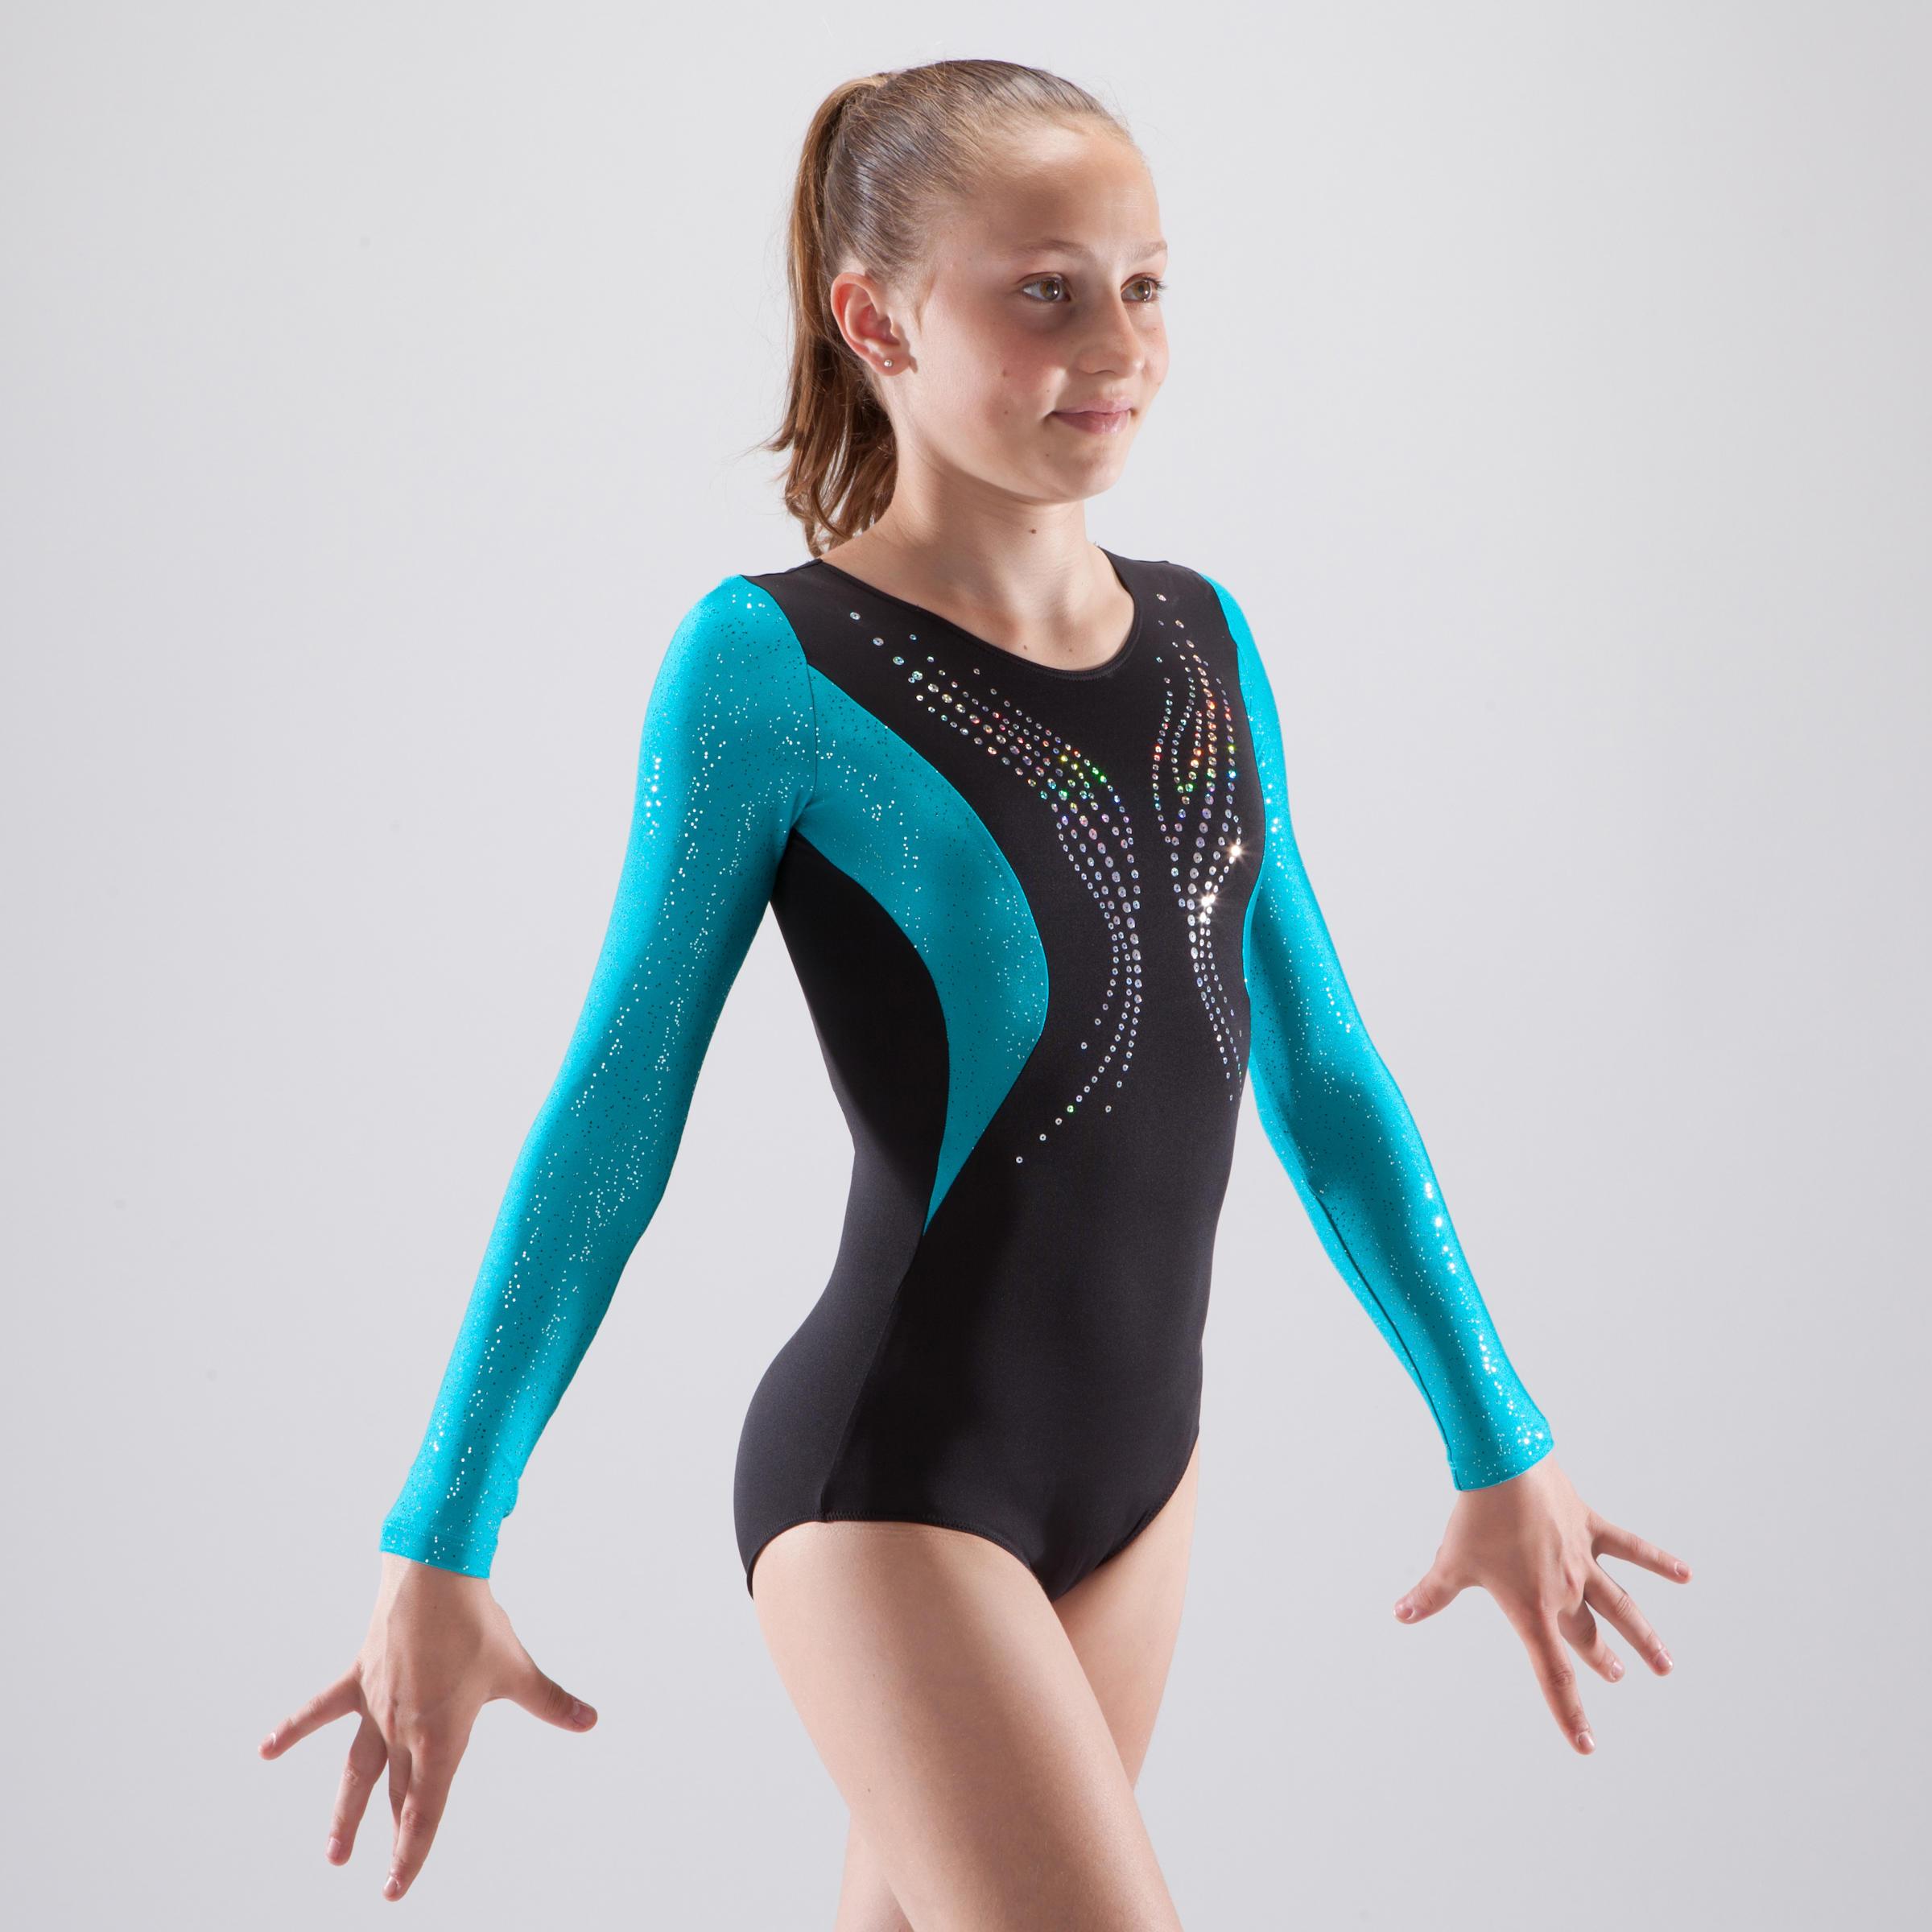 Girls' Artistic Gymnastics Long-Sleeved Leotard - Black/Blue Sequins